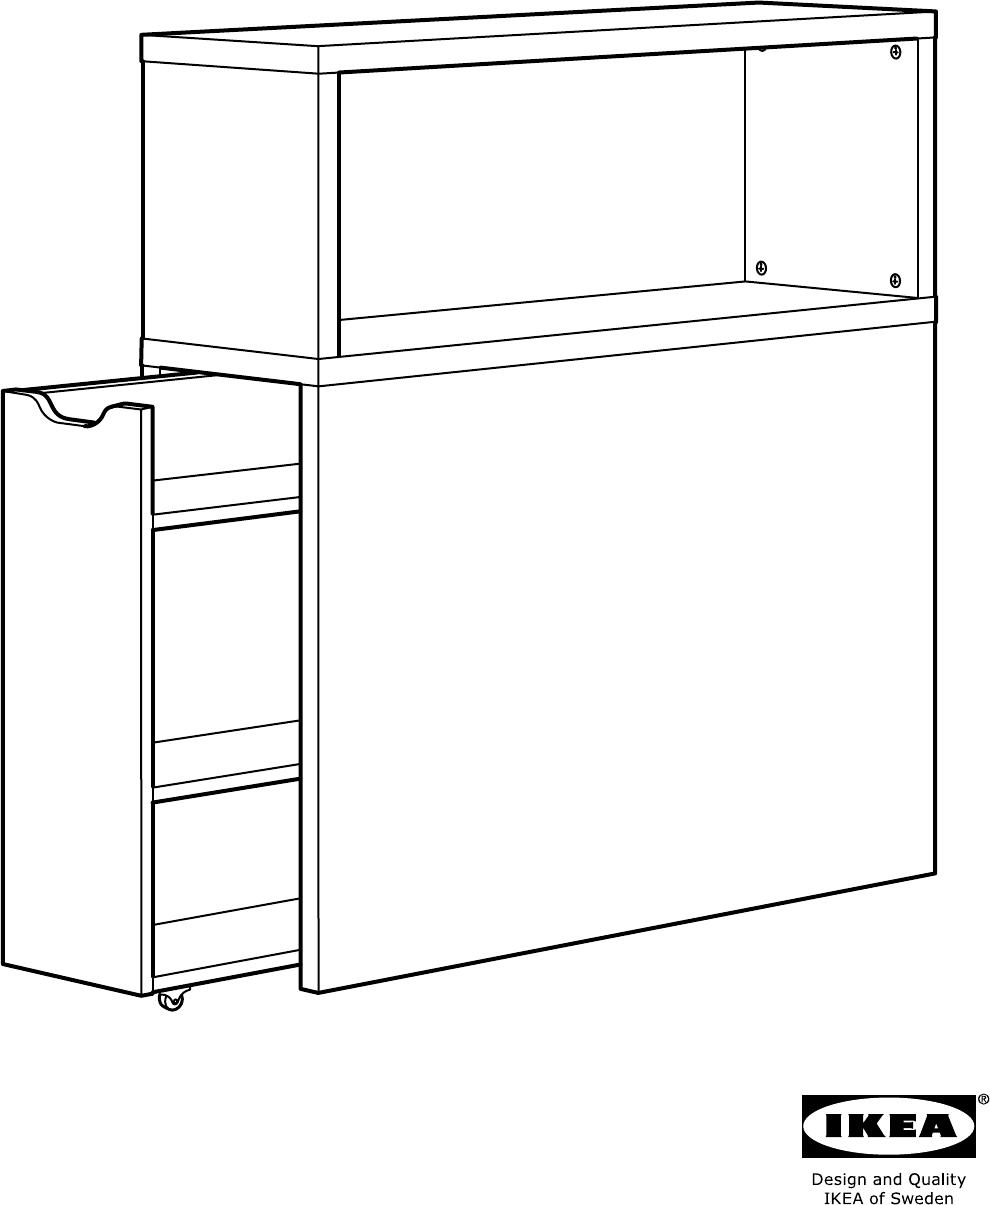 Ikea Flaxa Manual